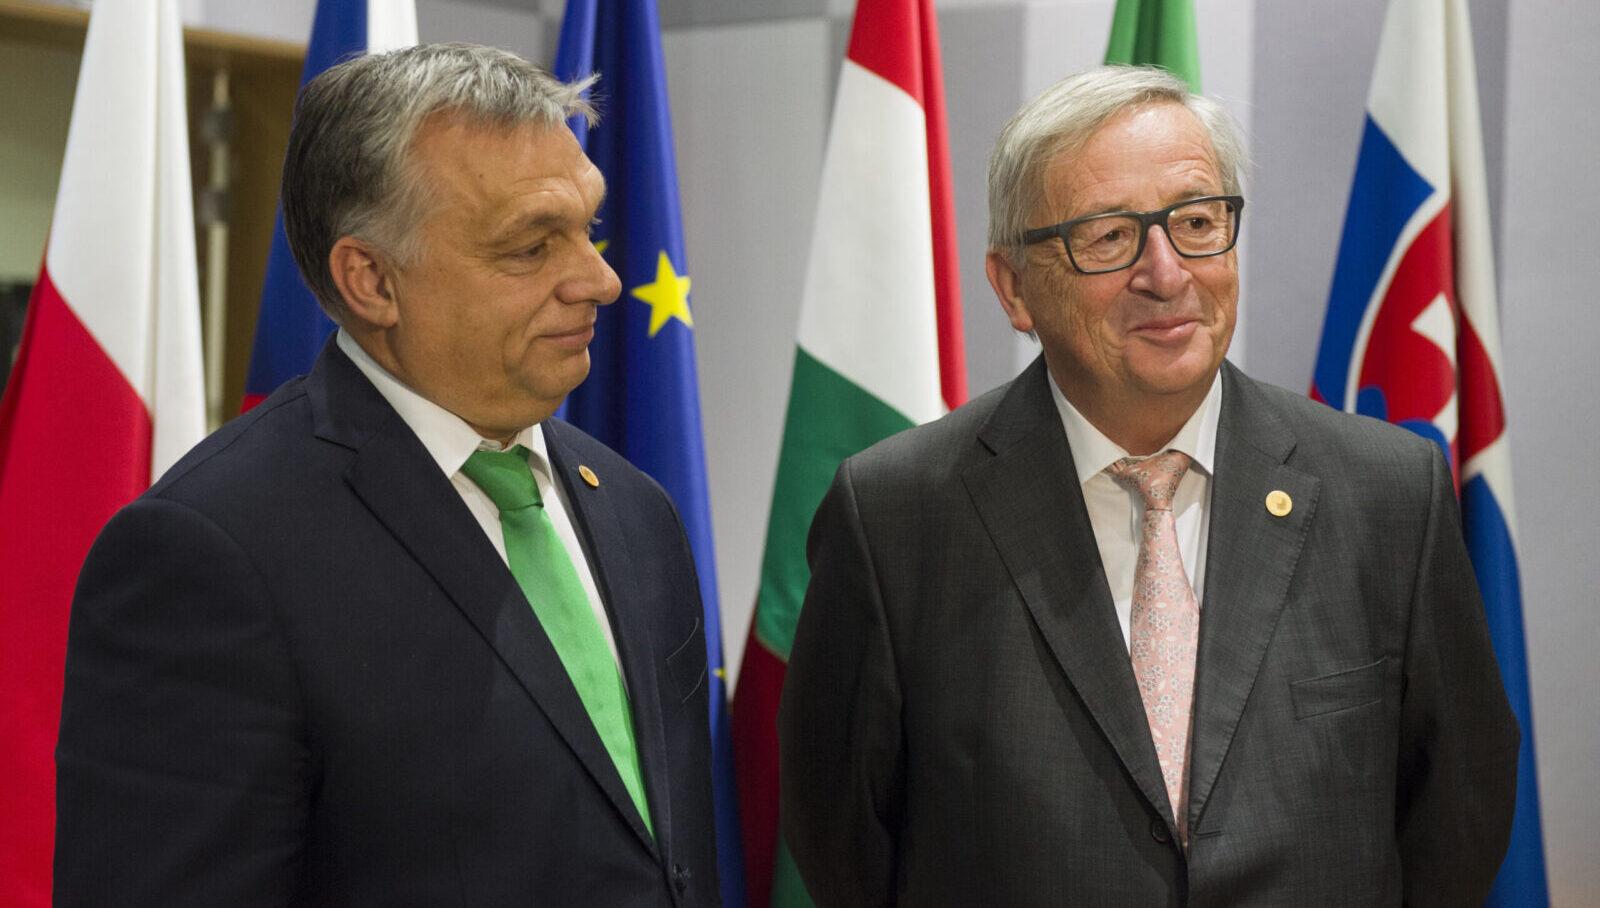 Worum es bei der Europawahl wirklich geht - Reporter.lu